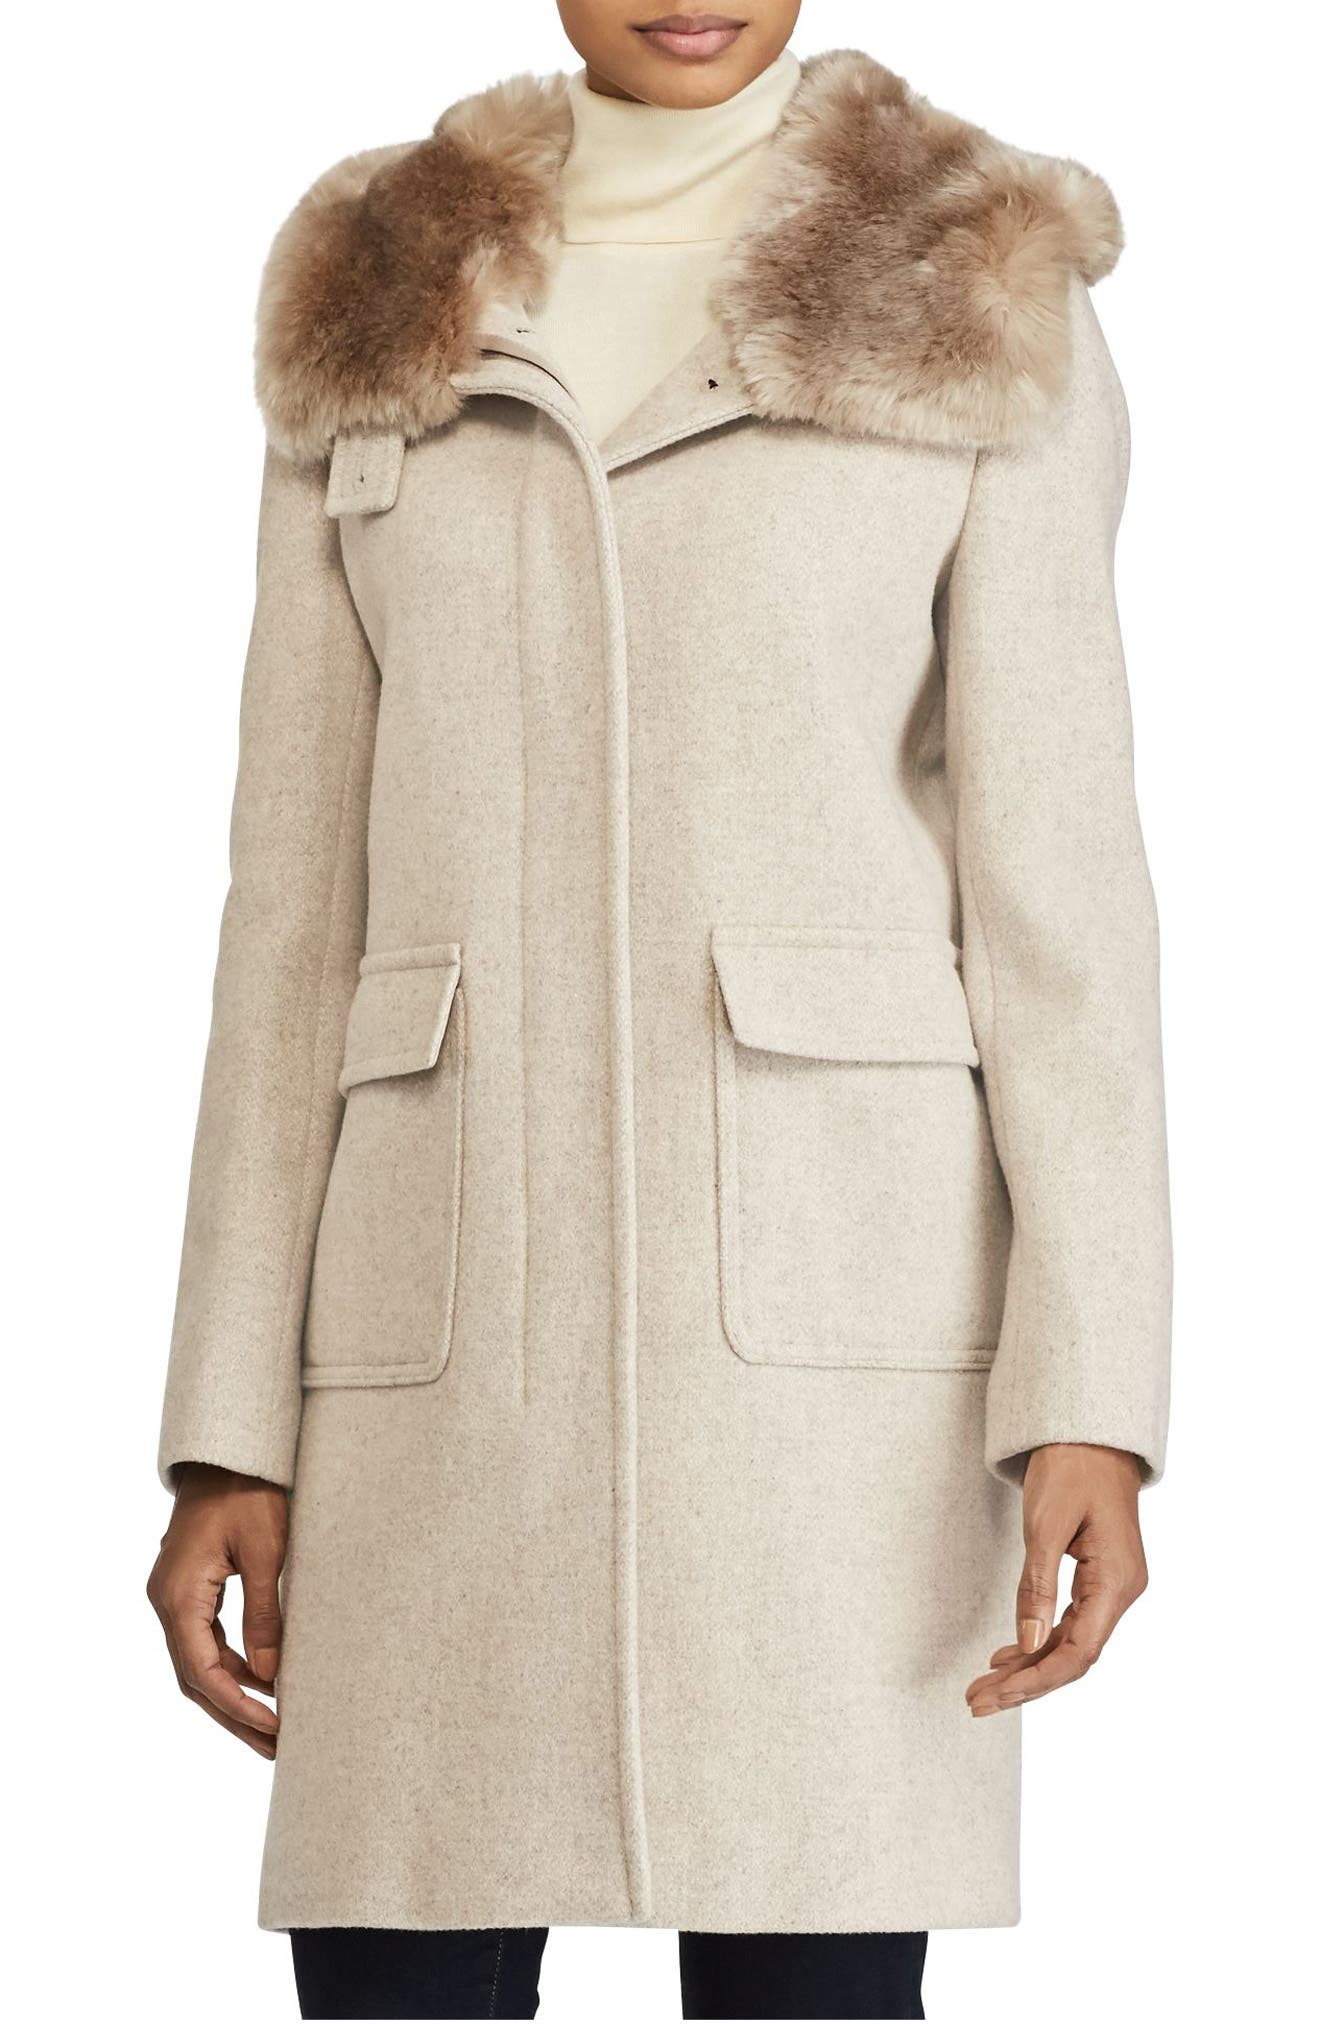 Lauren Ralph Lauren Hooded Coat with Faux Fur